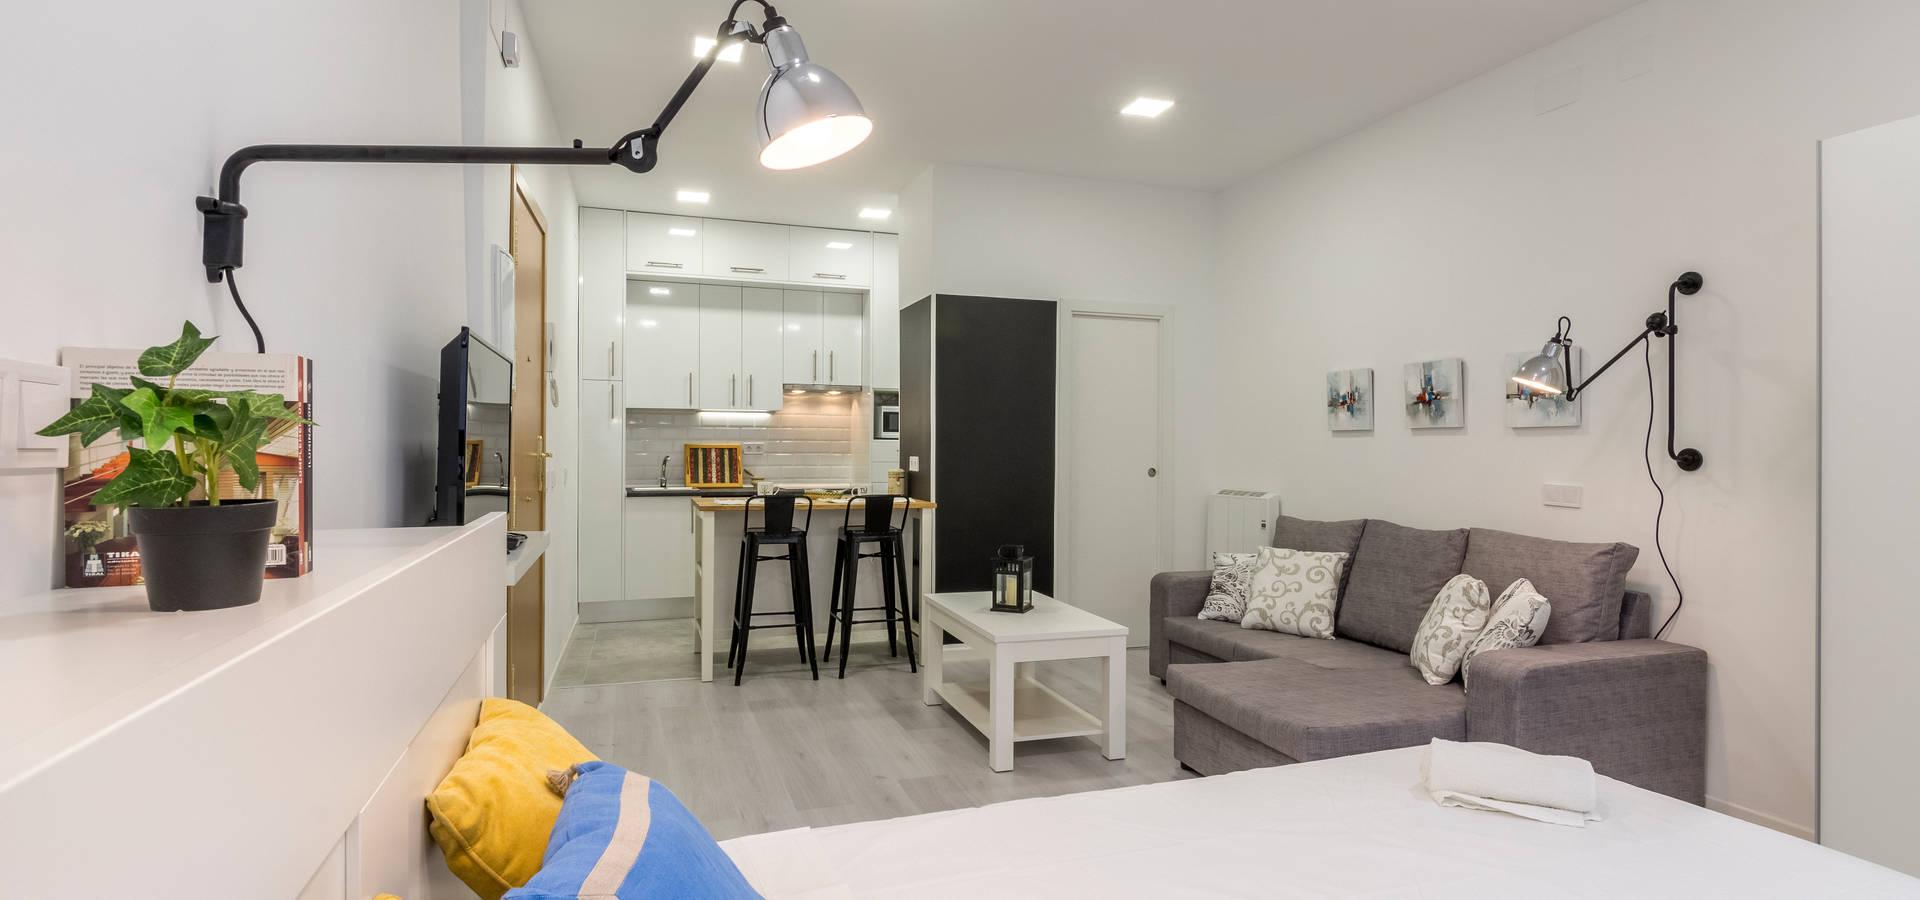 Moderno y acogedor interiorismo y home staging en - Home staging barcelona ...